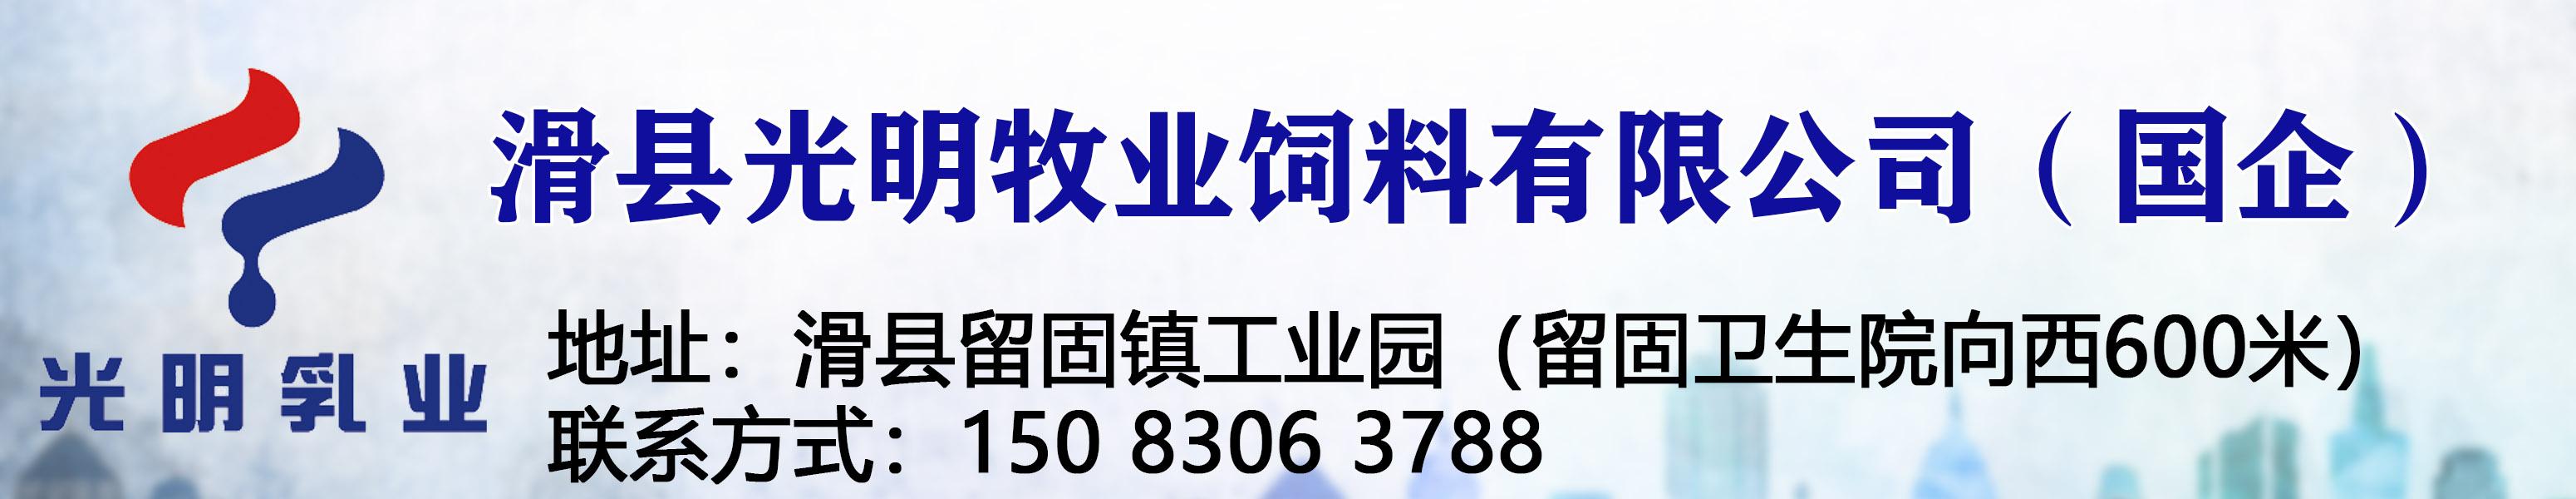 滑县光明牧业饲料有限公司